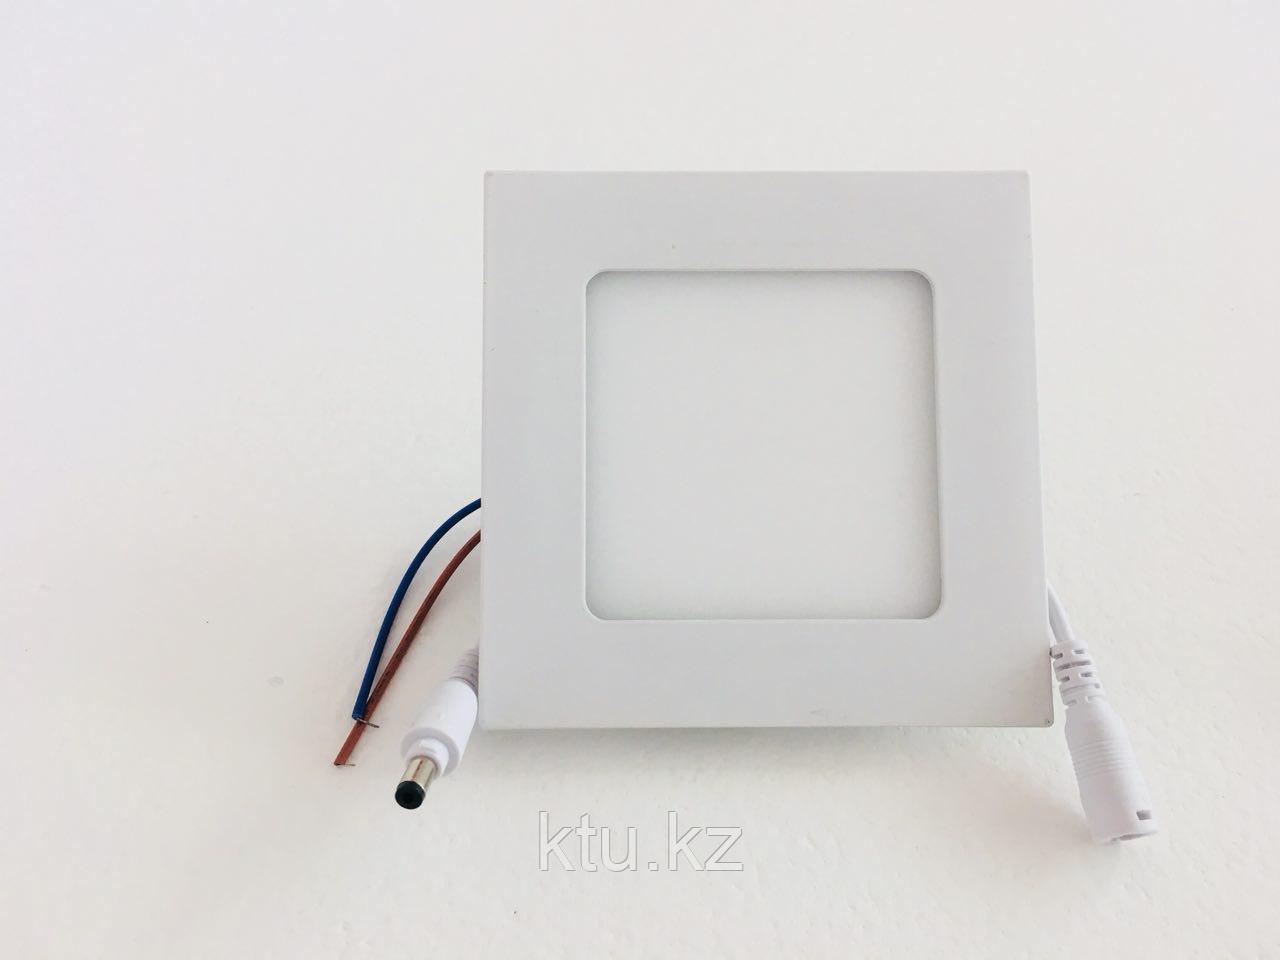 Светильники (споты) JL-MF 6W,наружный 1год гарантия